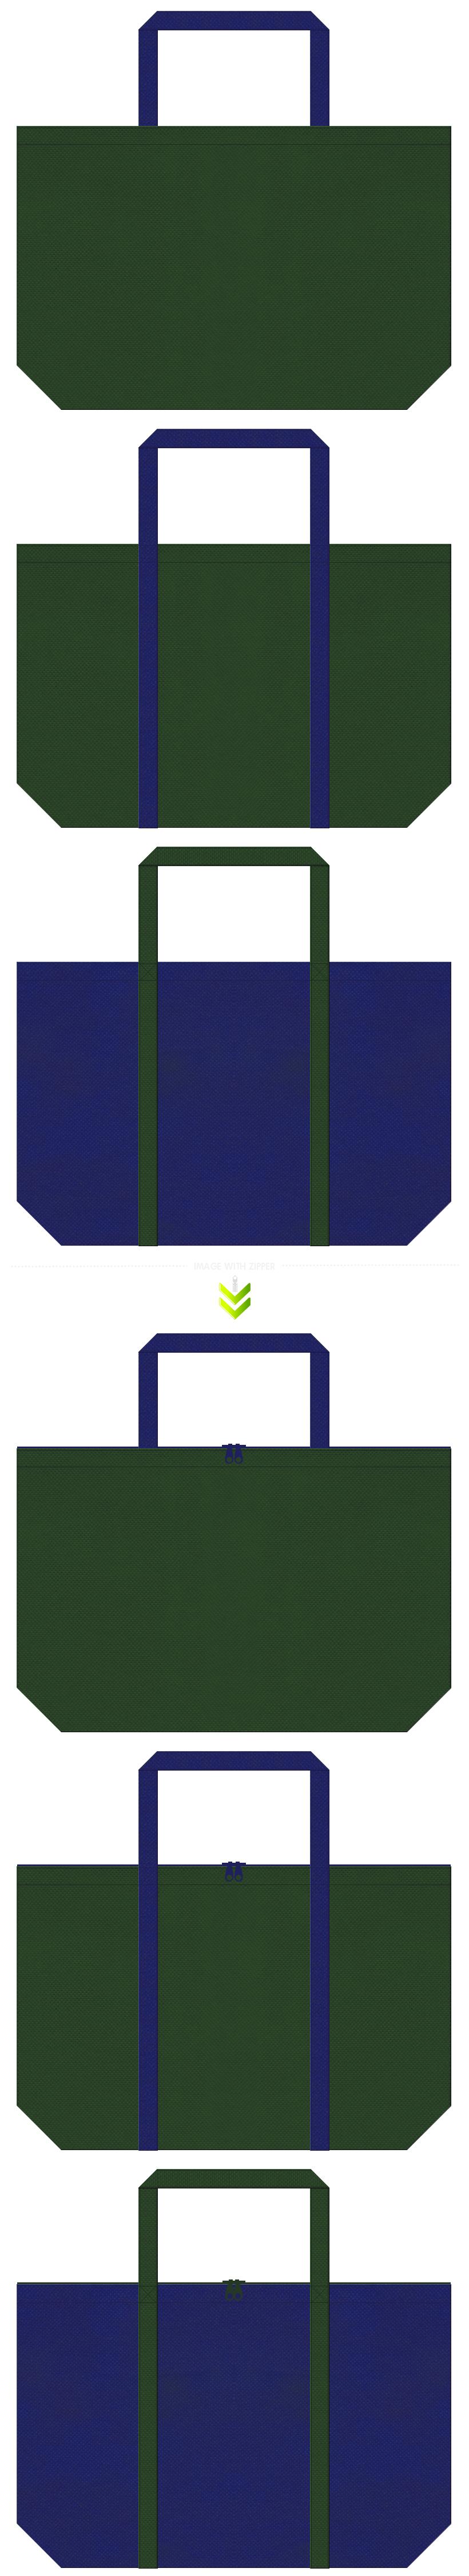 濃緑色・深緑色と明るい紺色の不織布バッグデザイン。